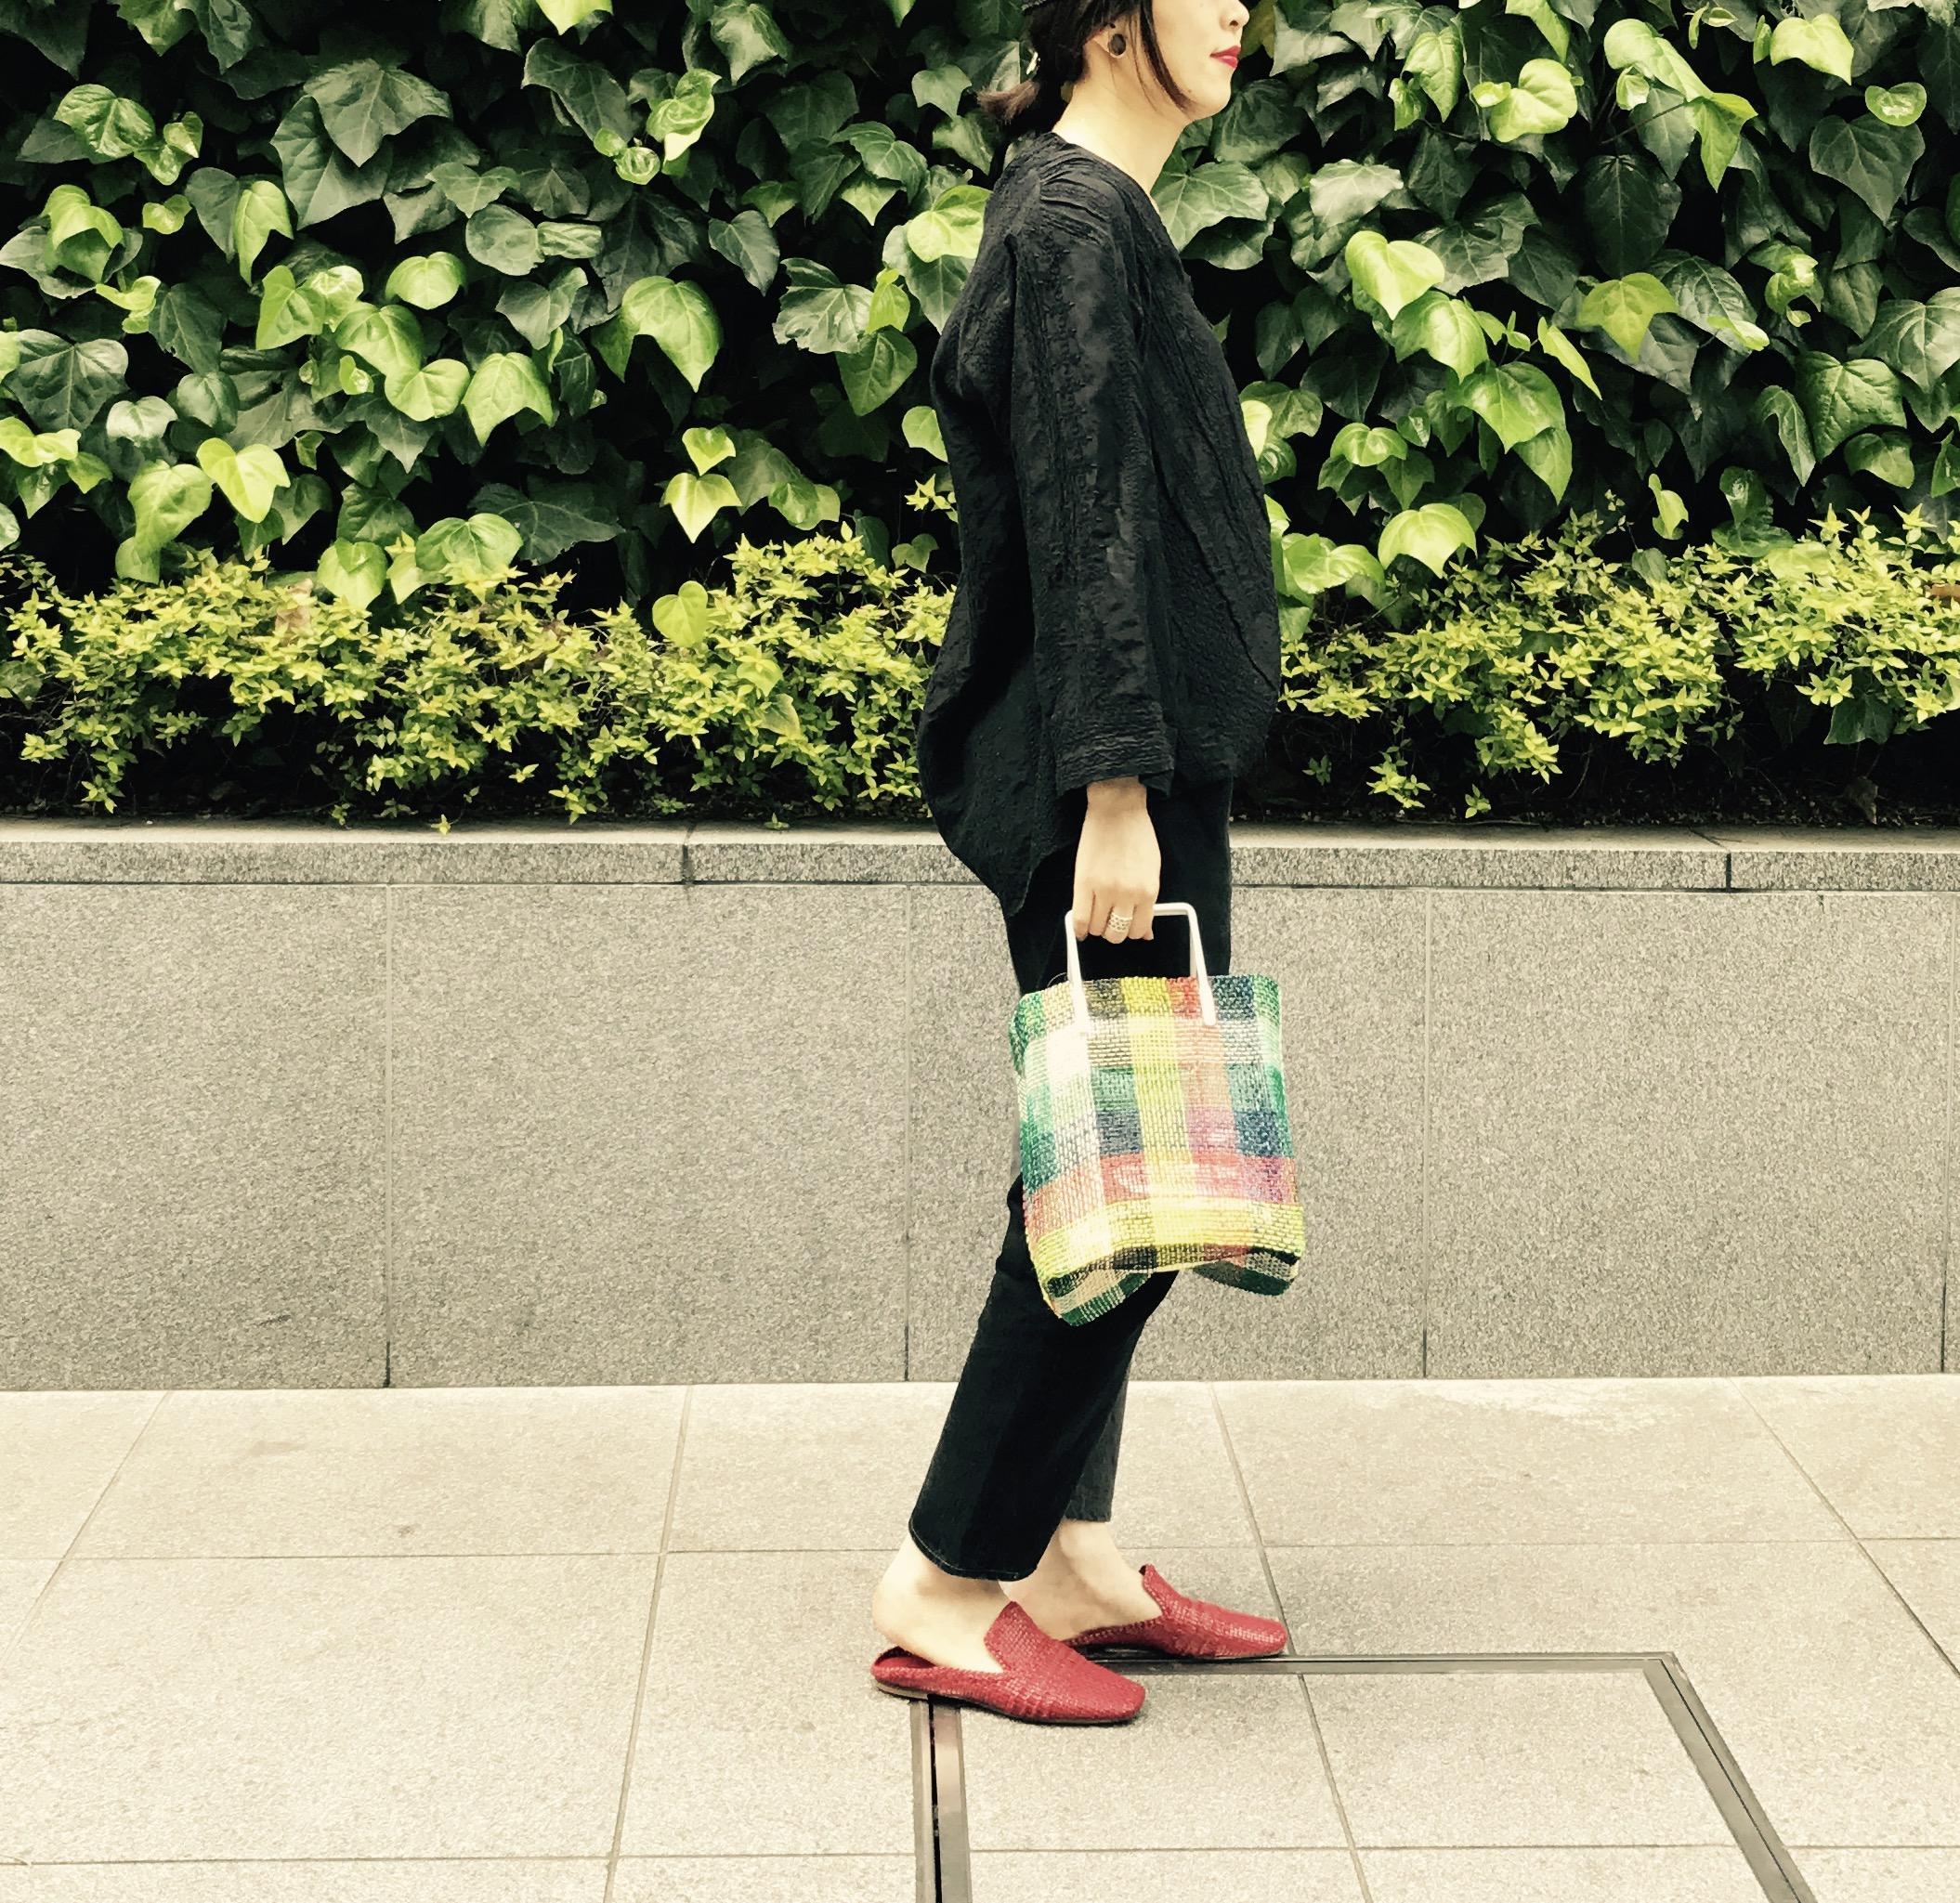 POMTATA Scrap Book pvc アバカ アルミ 有楽町マルイ ポンタタ スクラップブック 可愛い vinyl bag mesh bag ビニールインナー メッシュバッグ チェック柄バッグ 2way bag